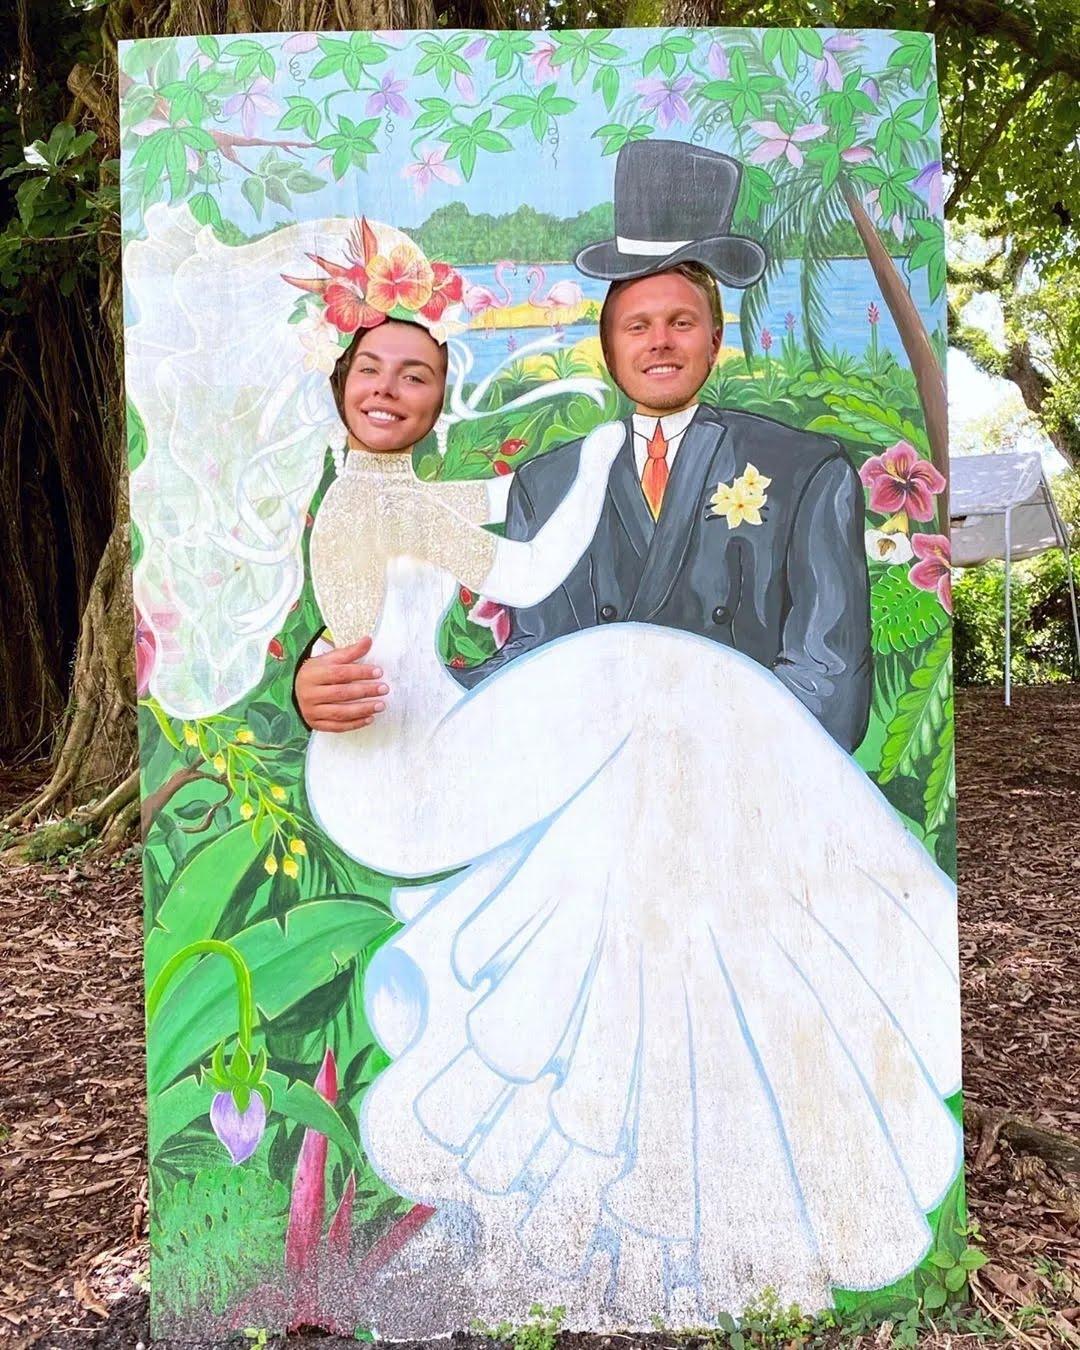 Седокова показала свадебное фото